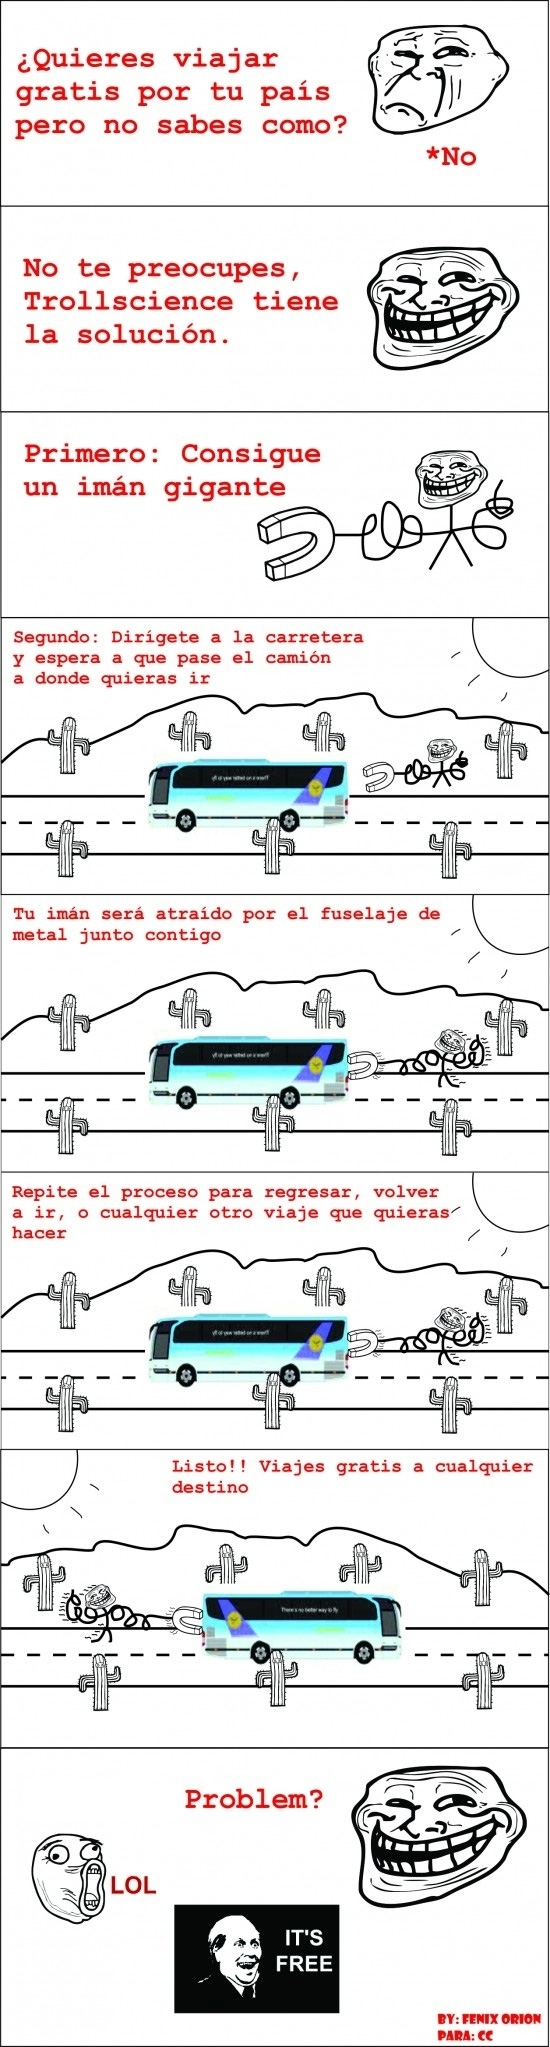 Trollface - Viajando gratis con Trollscience